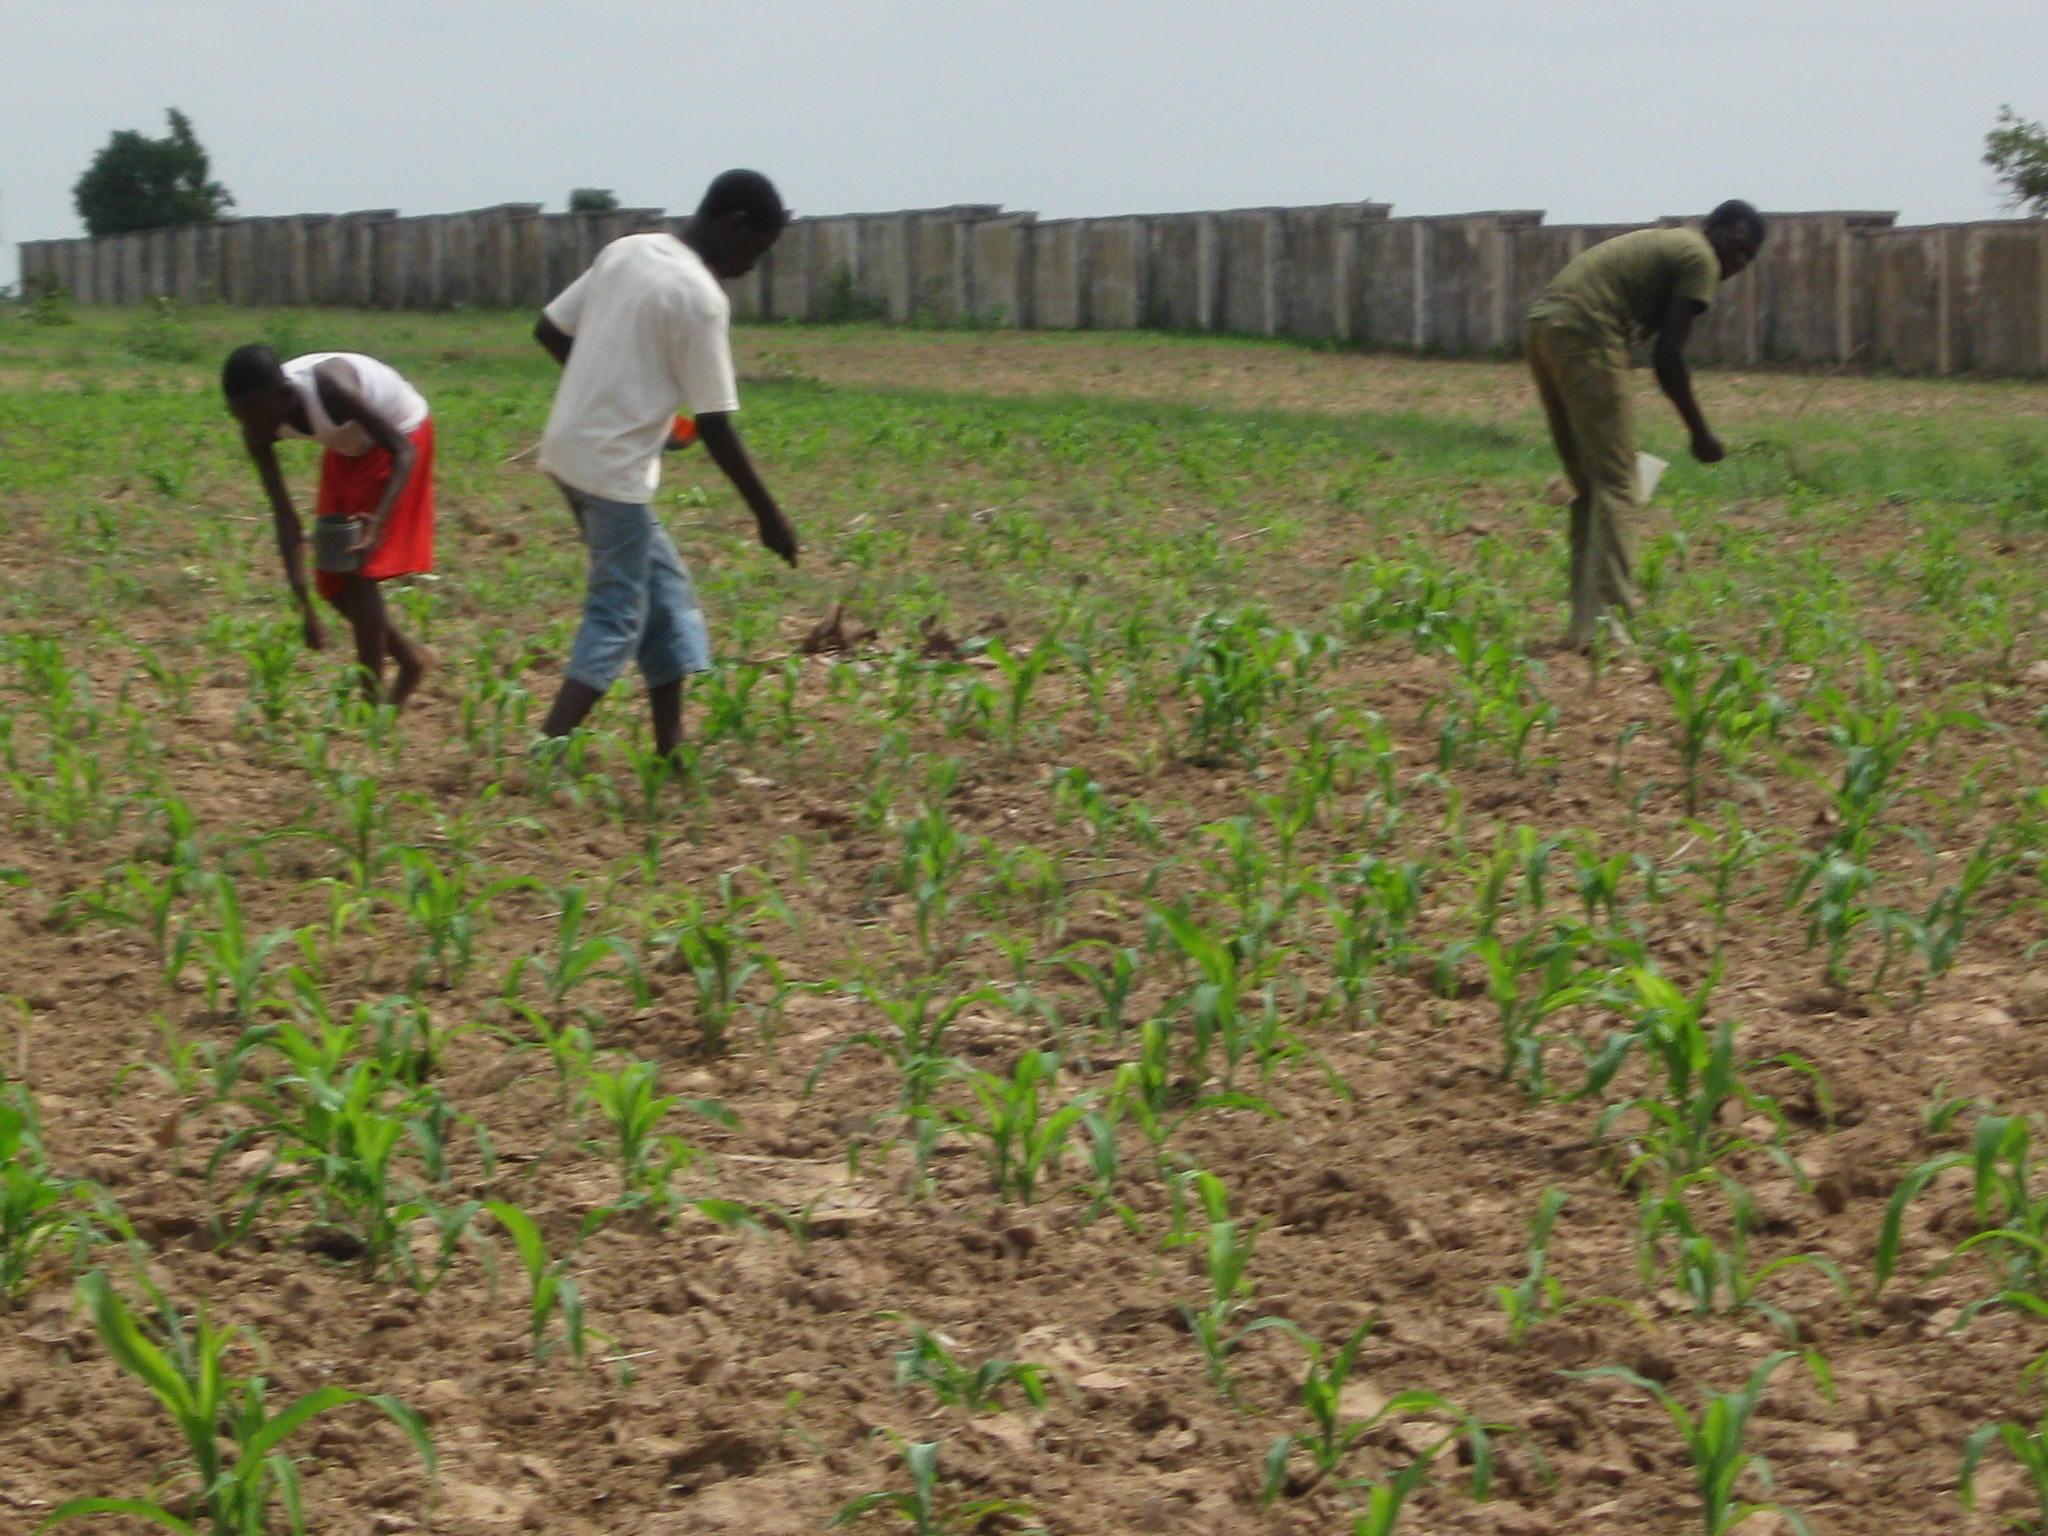 NigeriaFarmers+applying+fertilizers+in+the+farm.JPG